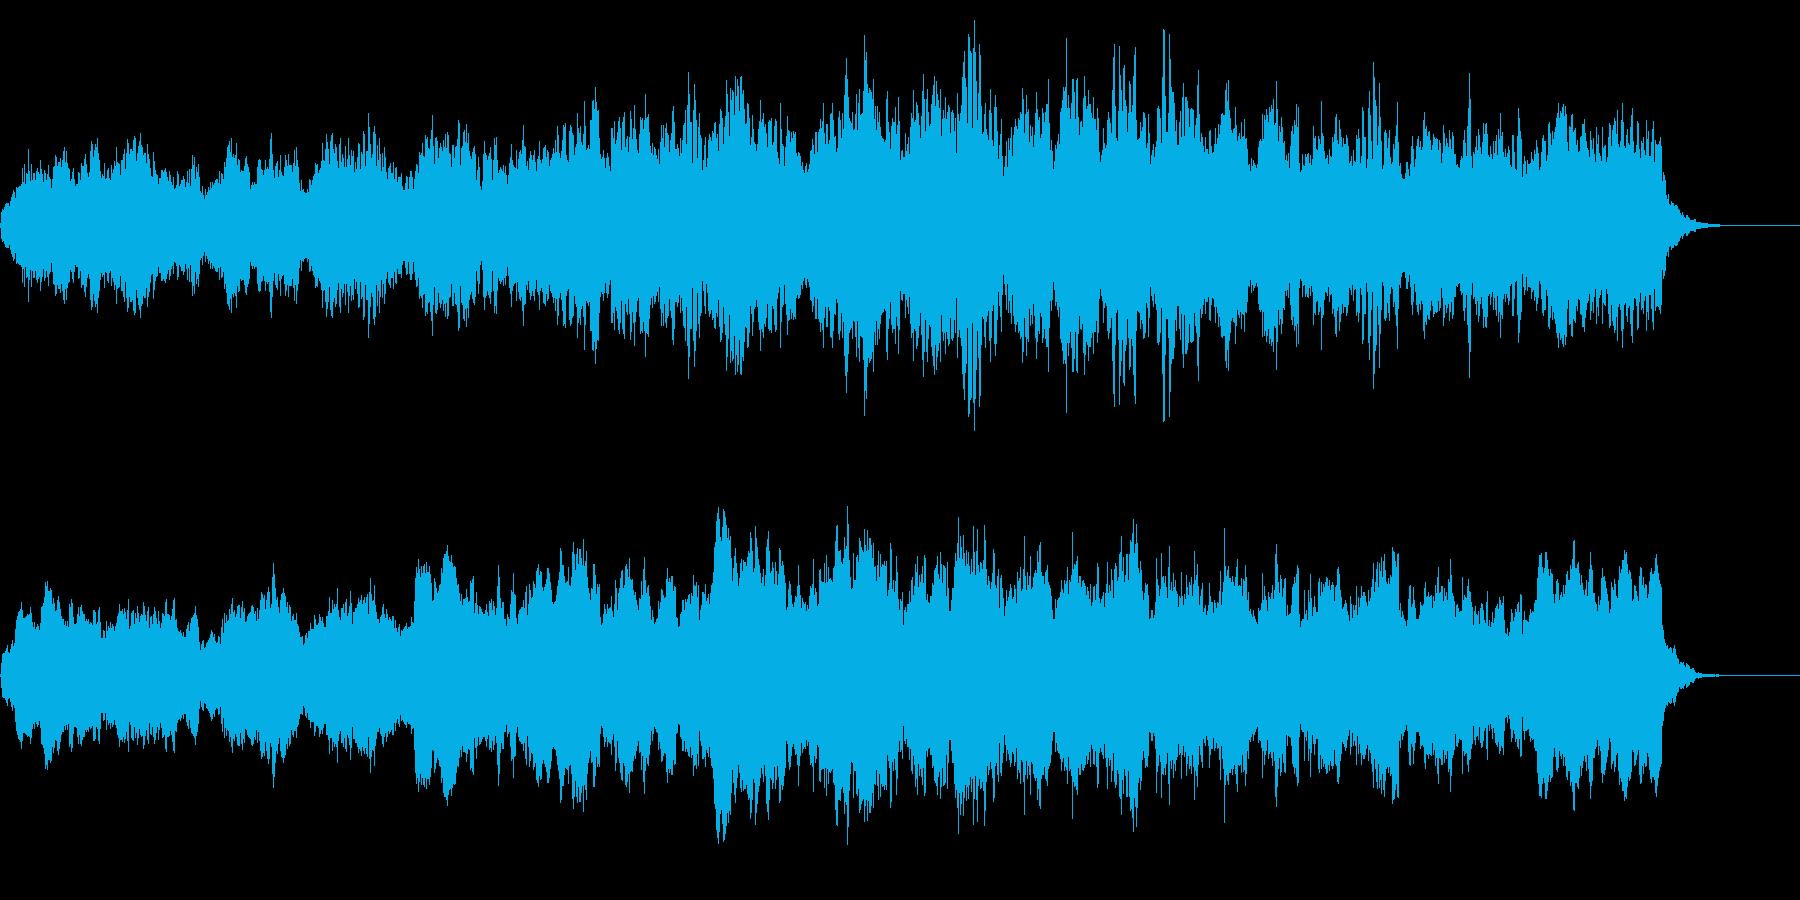 悲しく切ないヴァイオリンソロの再生済みの波形